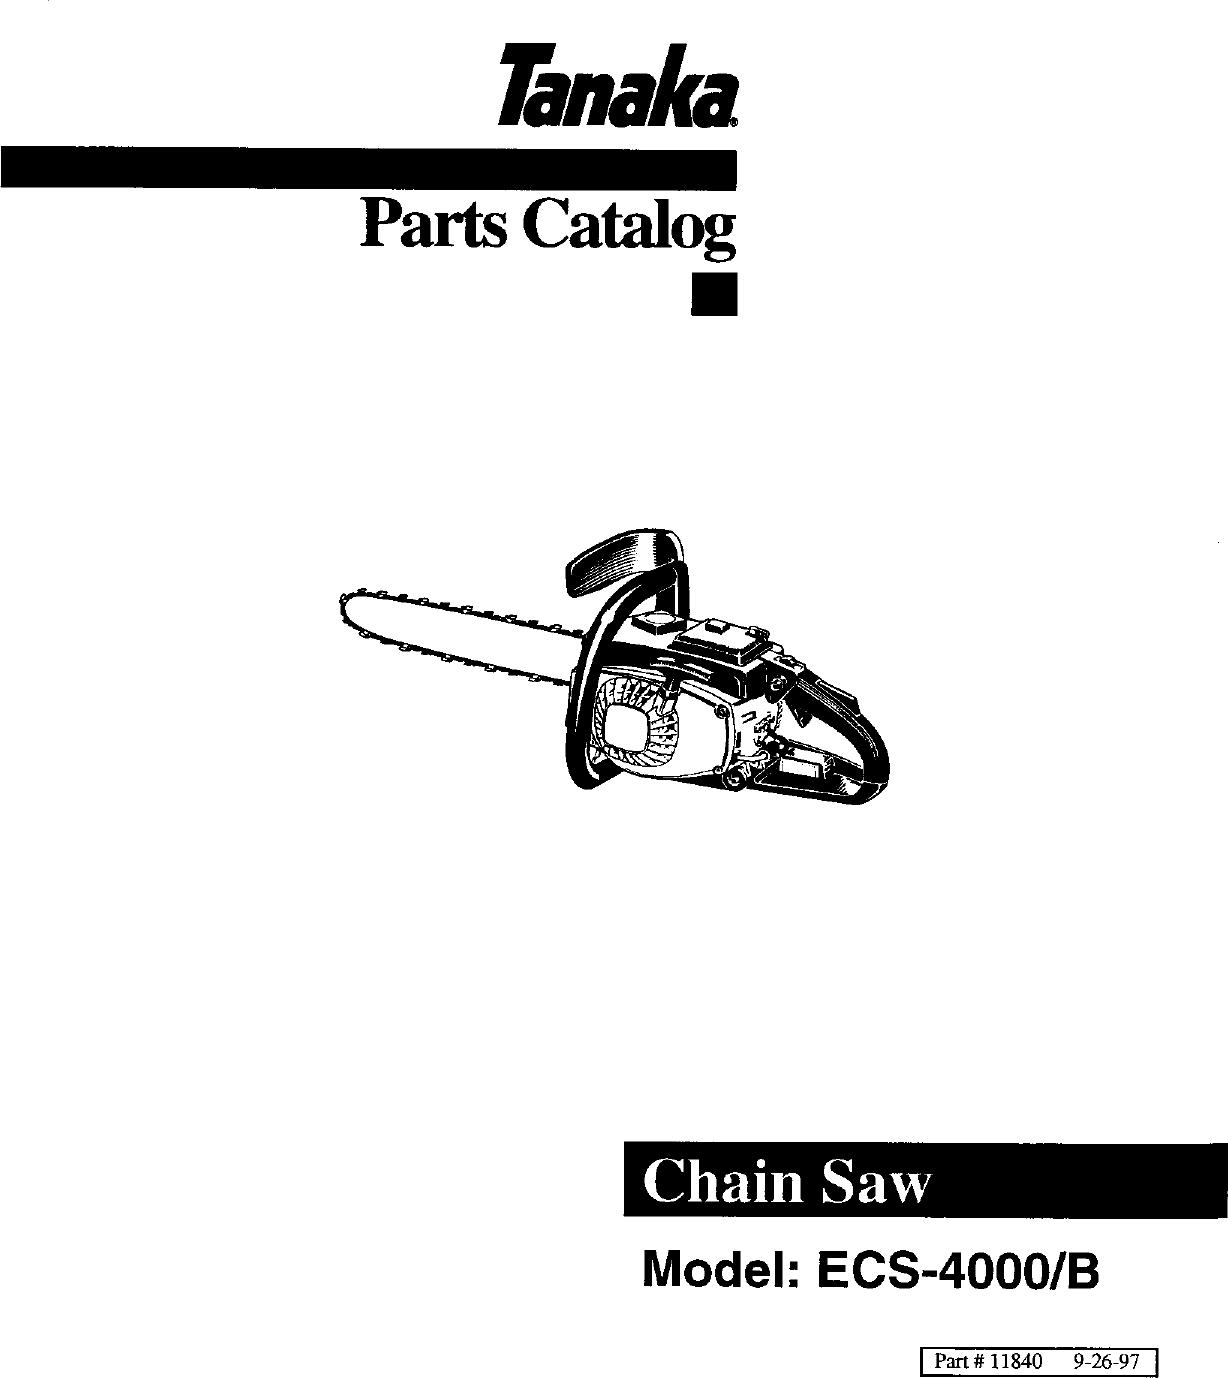 Tanaka Ecs 4000 B Users Manual